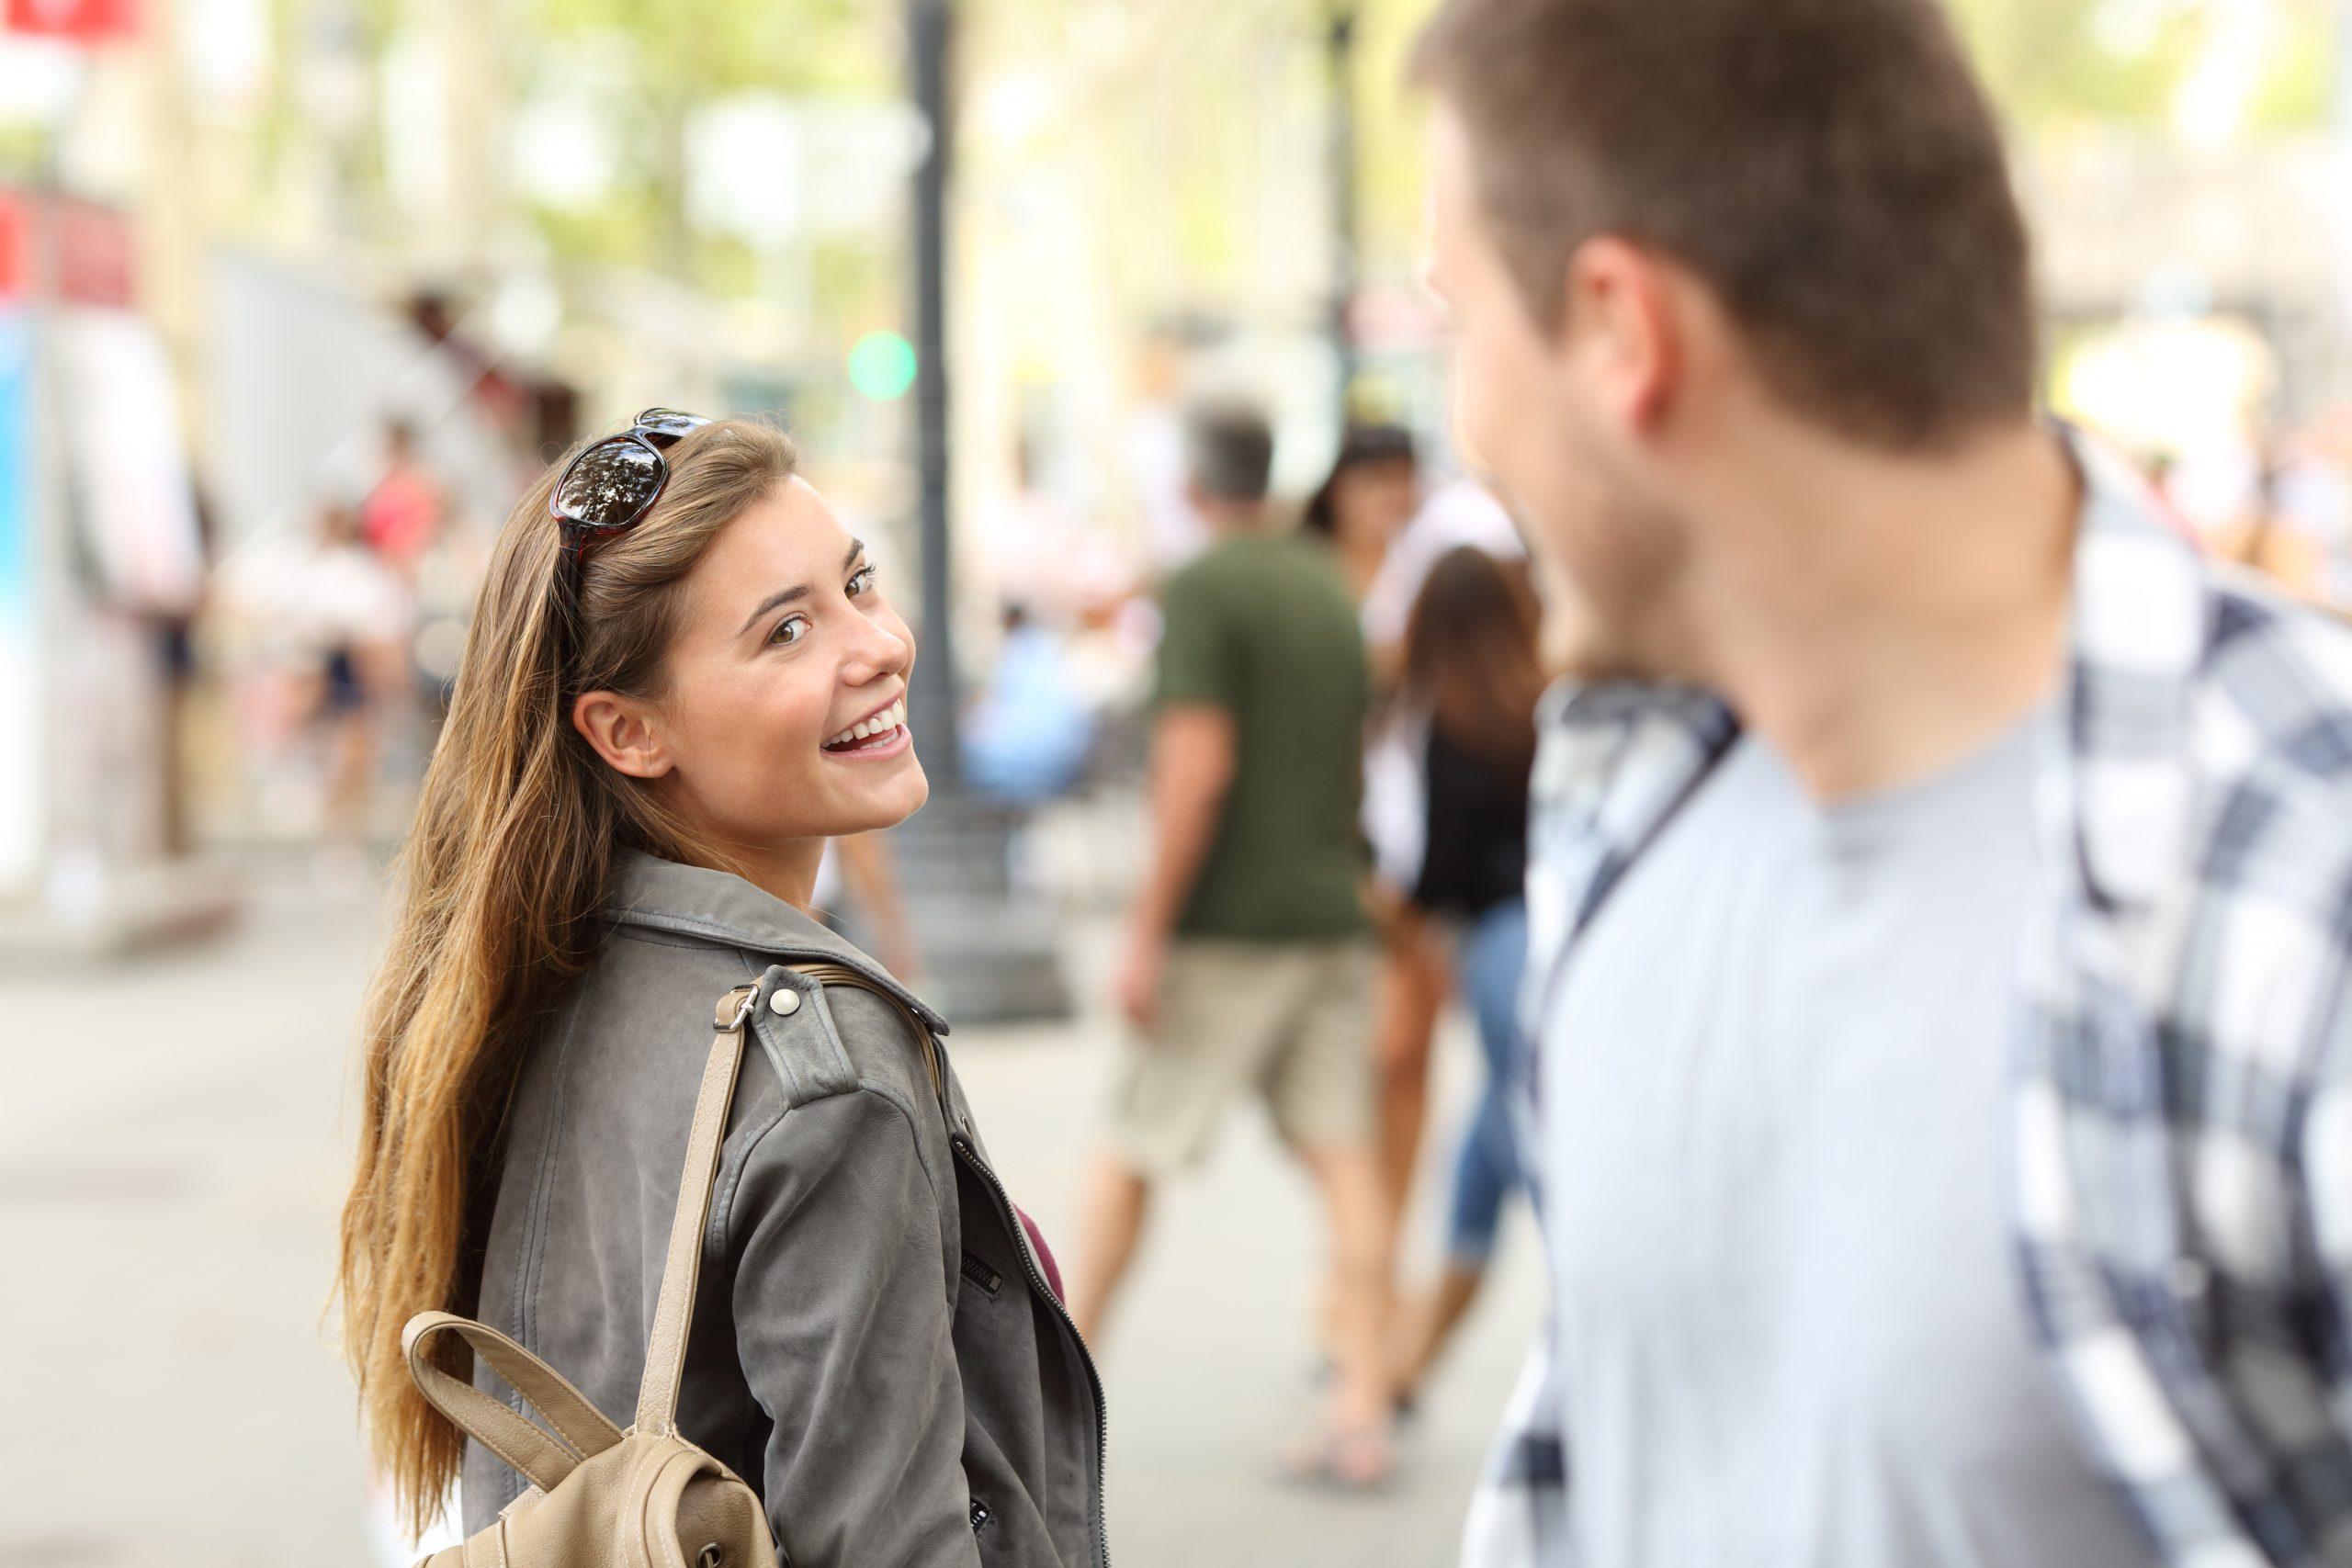 prečo sa muži pozerajú po iných ženách